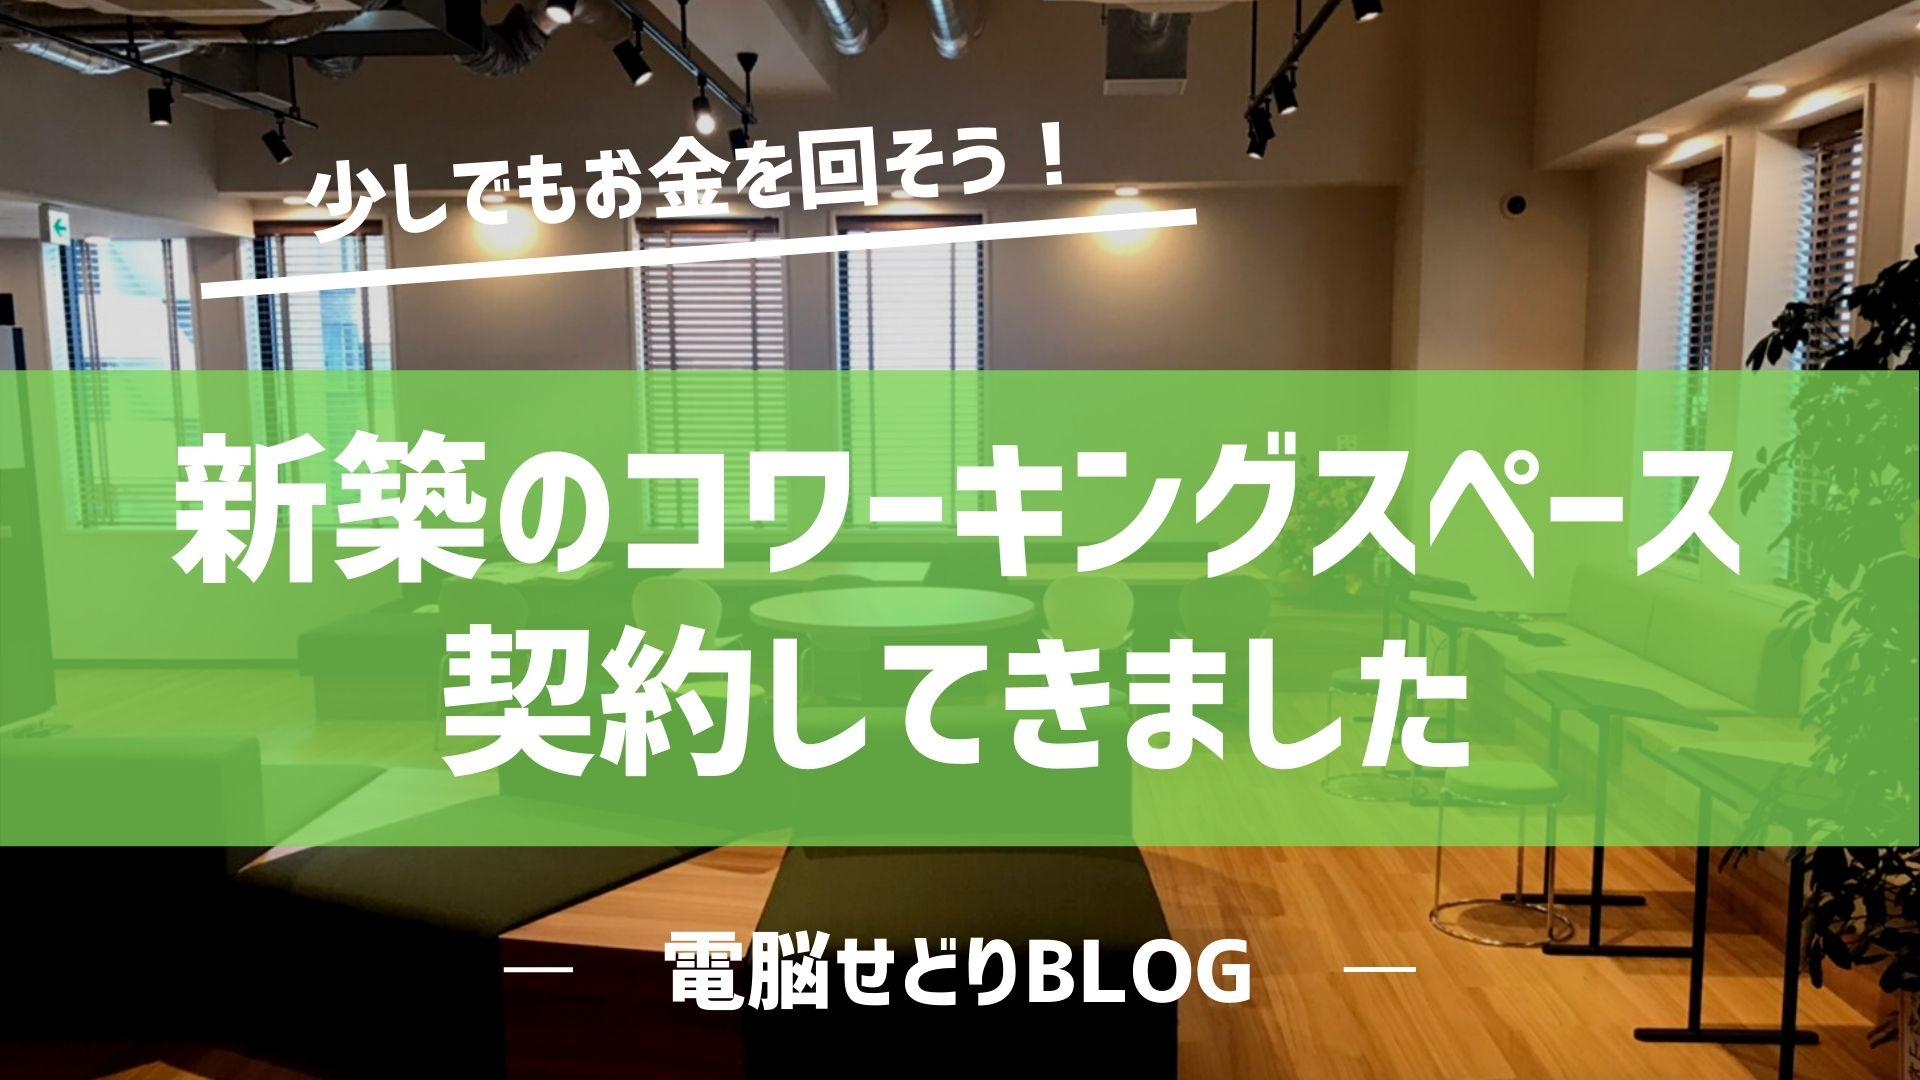 【新築物件/コスパ最高!】コワーキングスペース契約してきました。